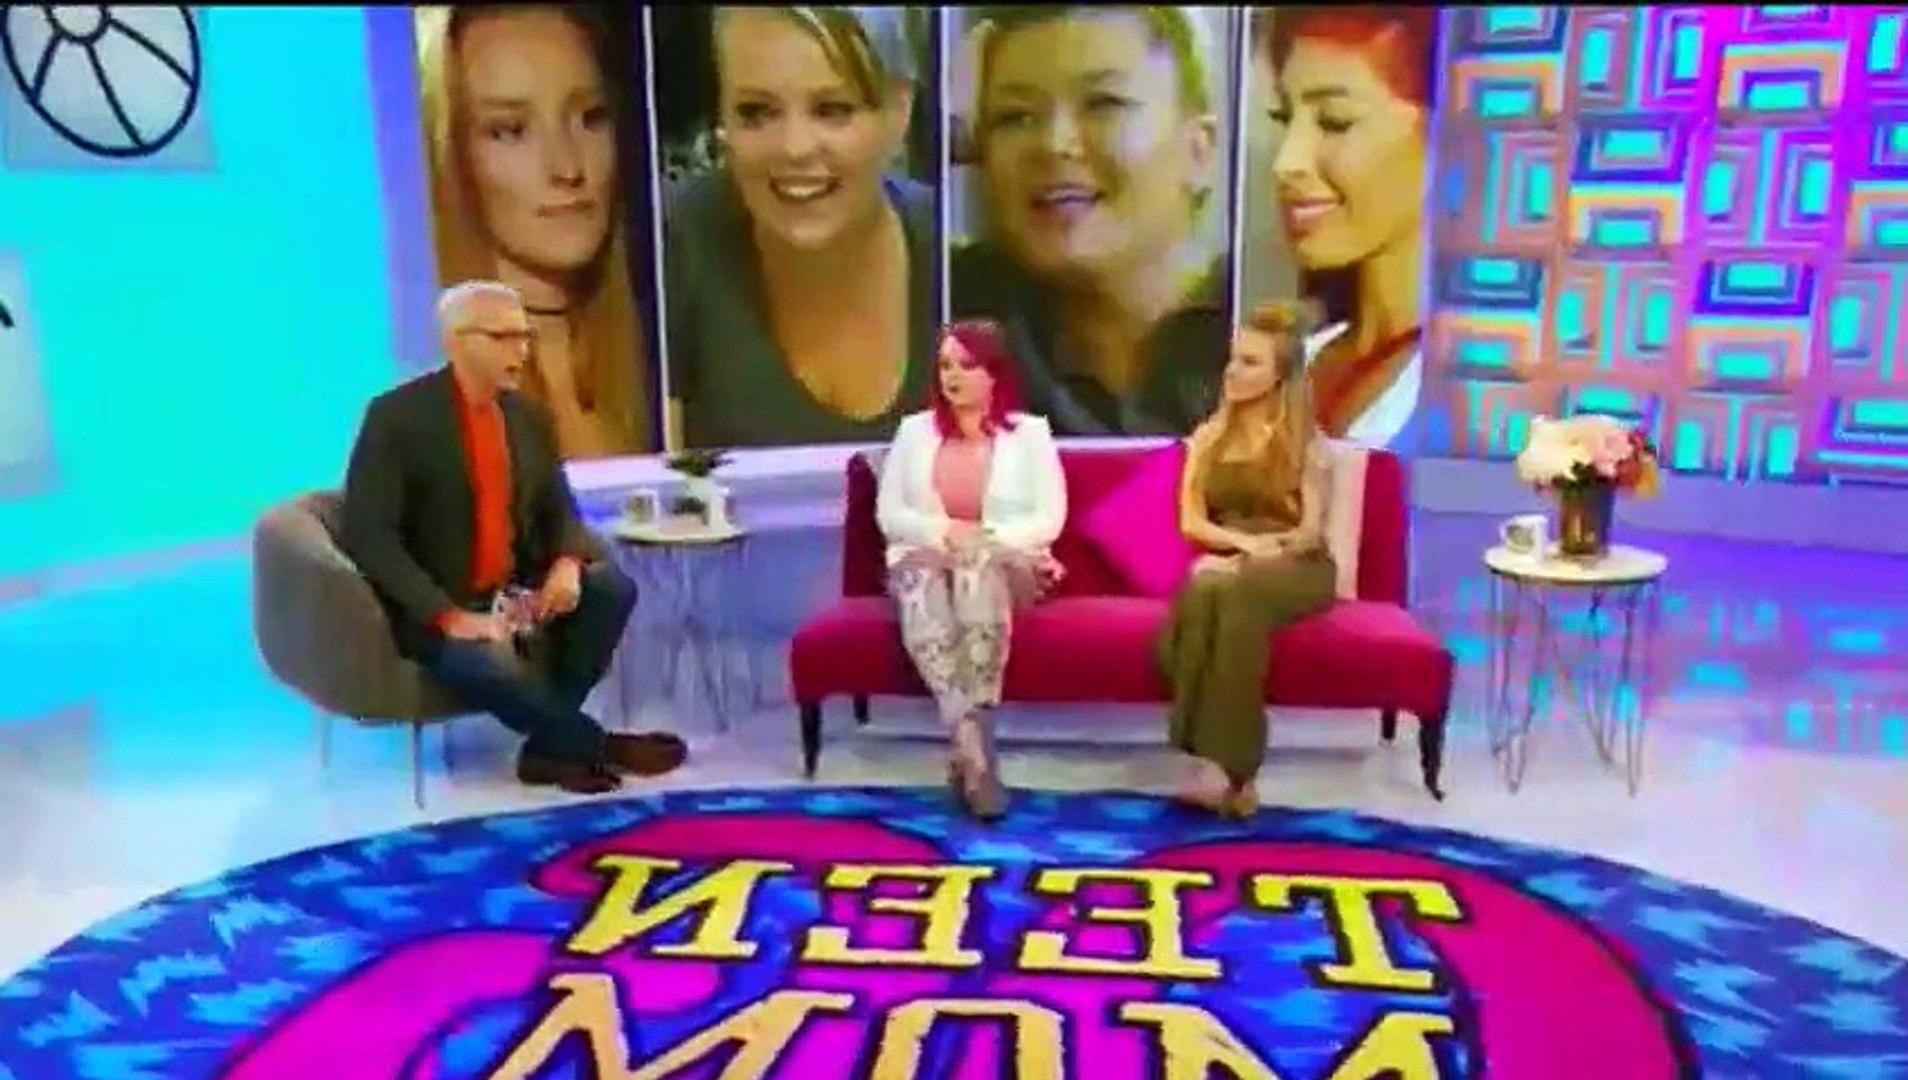 Teen Mom S07 E20 Check Up with Dr. Drew __ Teen Mom Season 07 Episode 20 __ Teen Mom S07E20 __ Teen